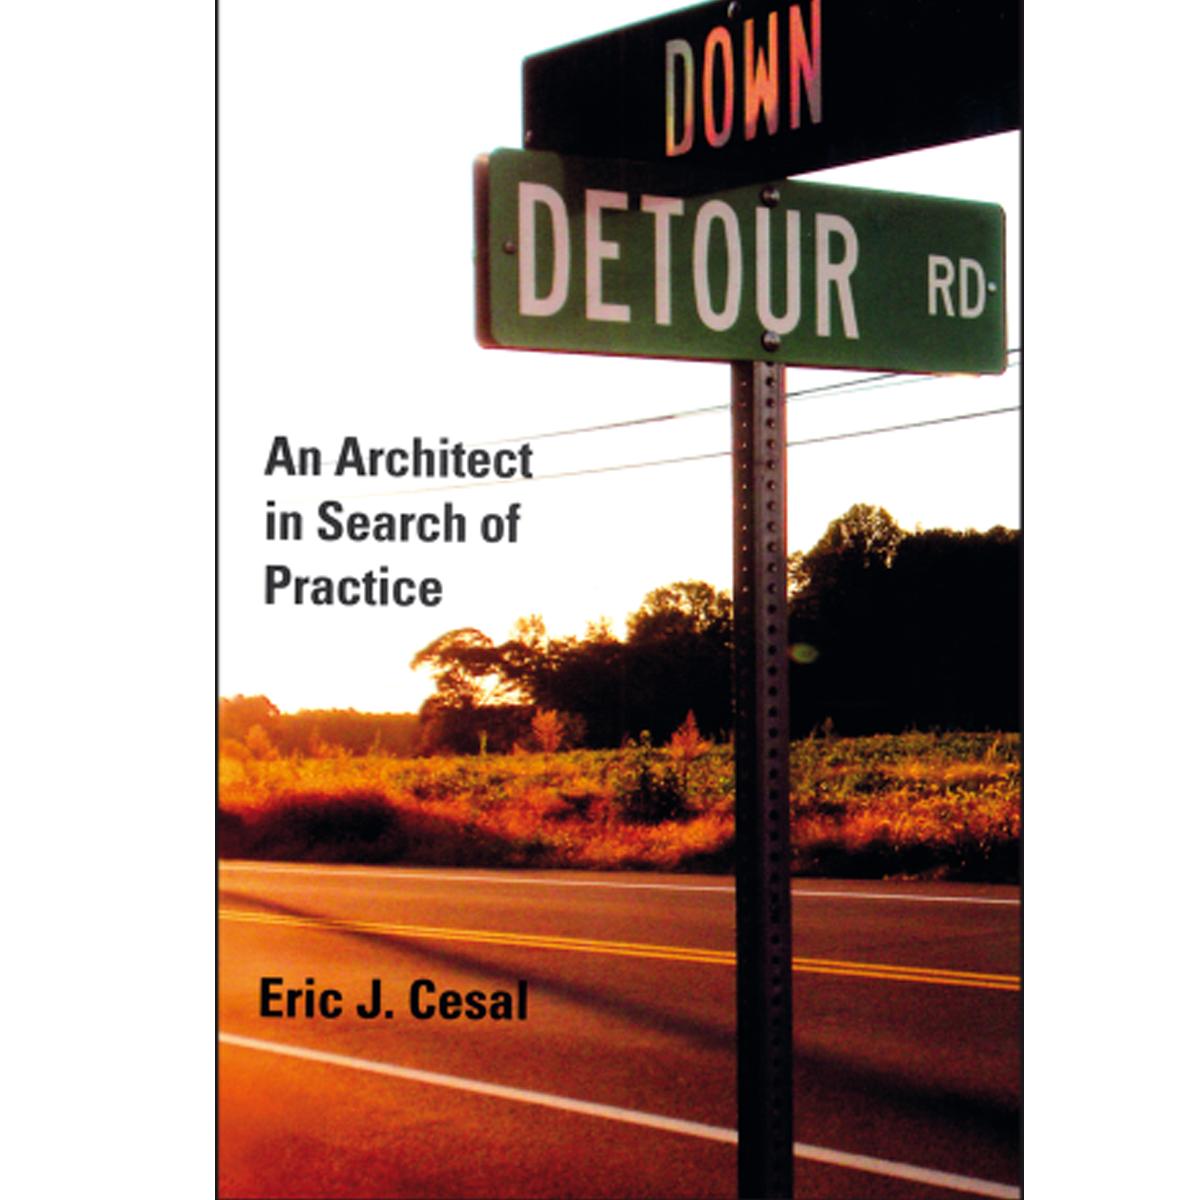 Down Detour Road